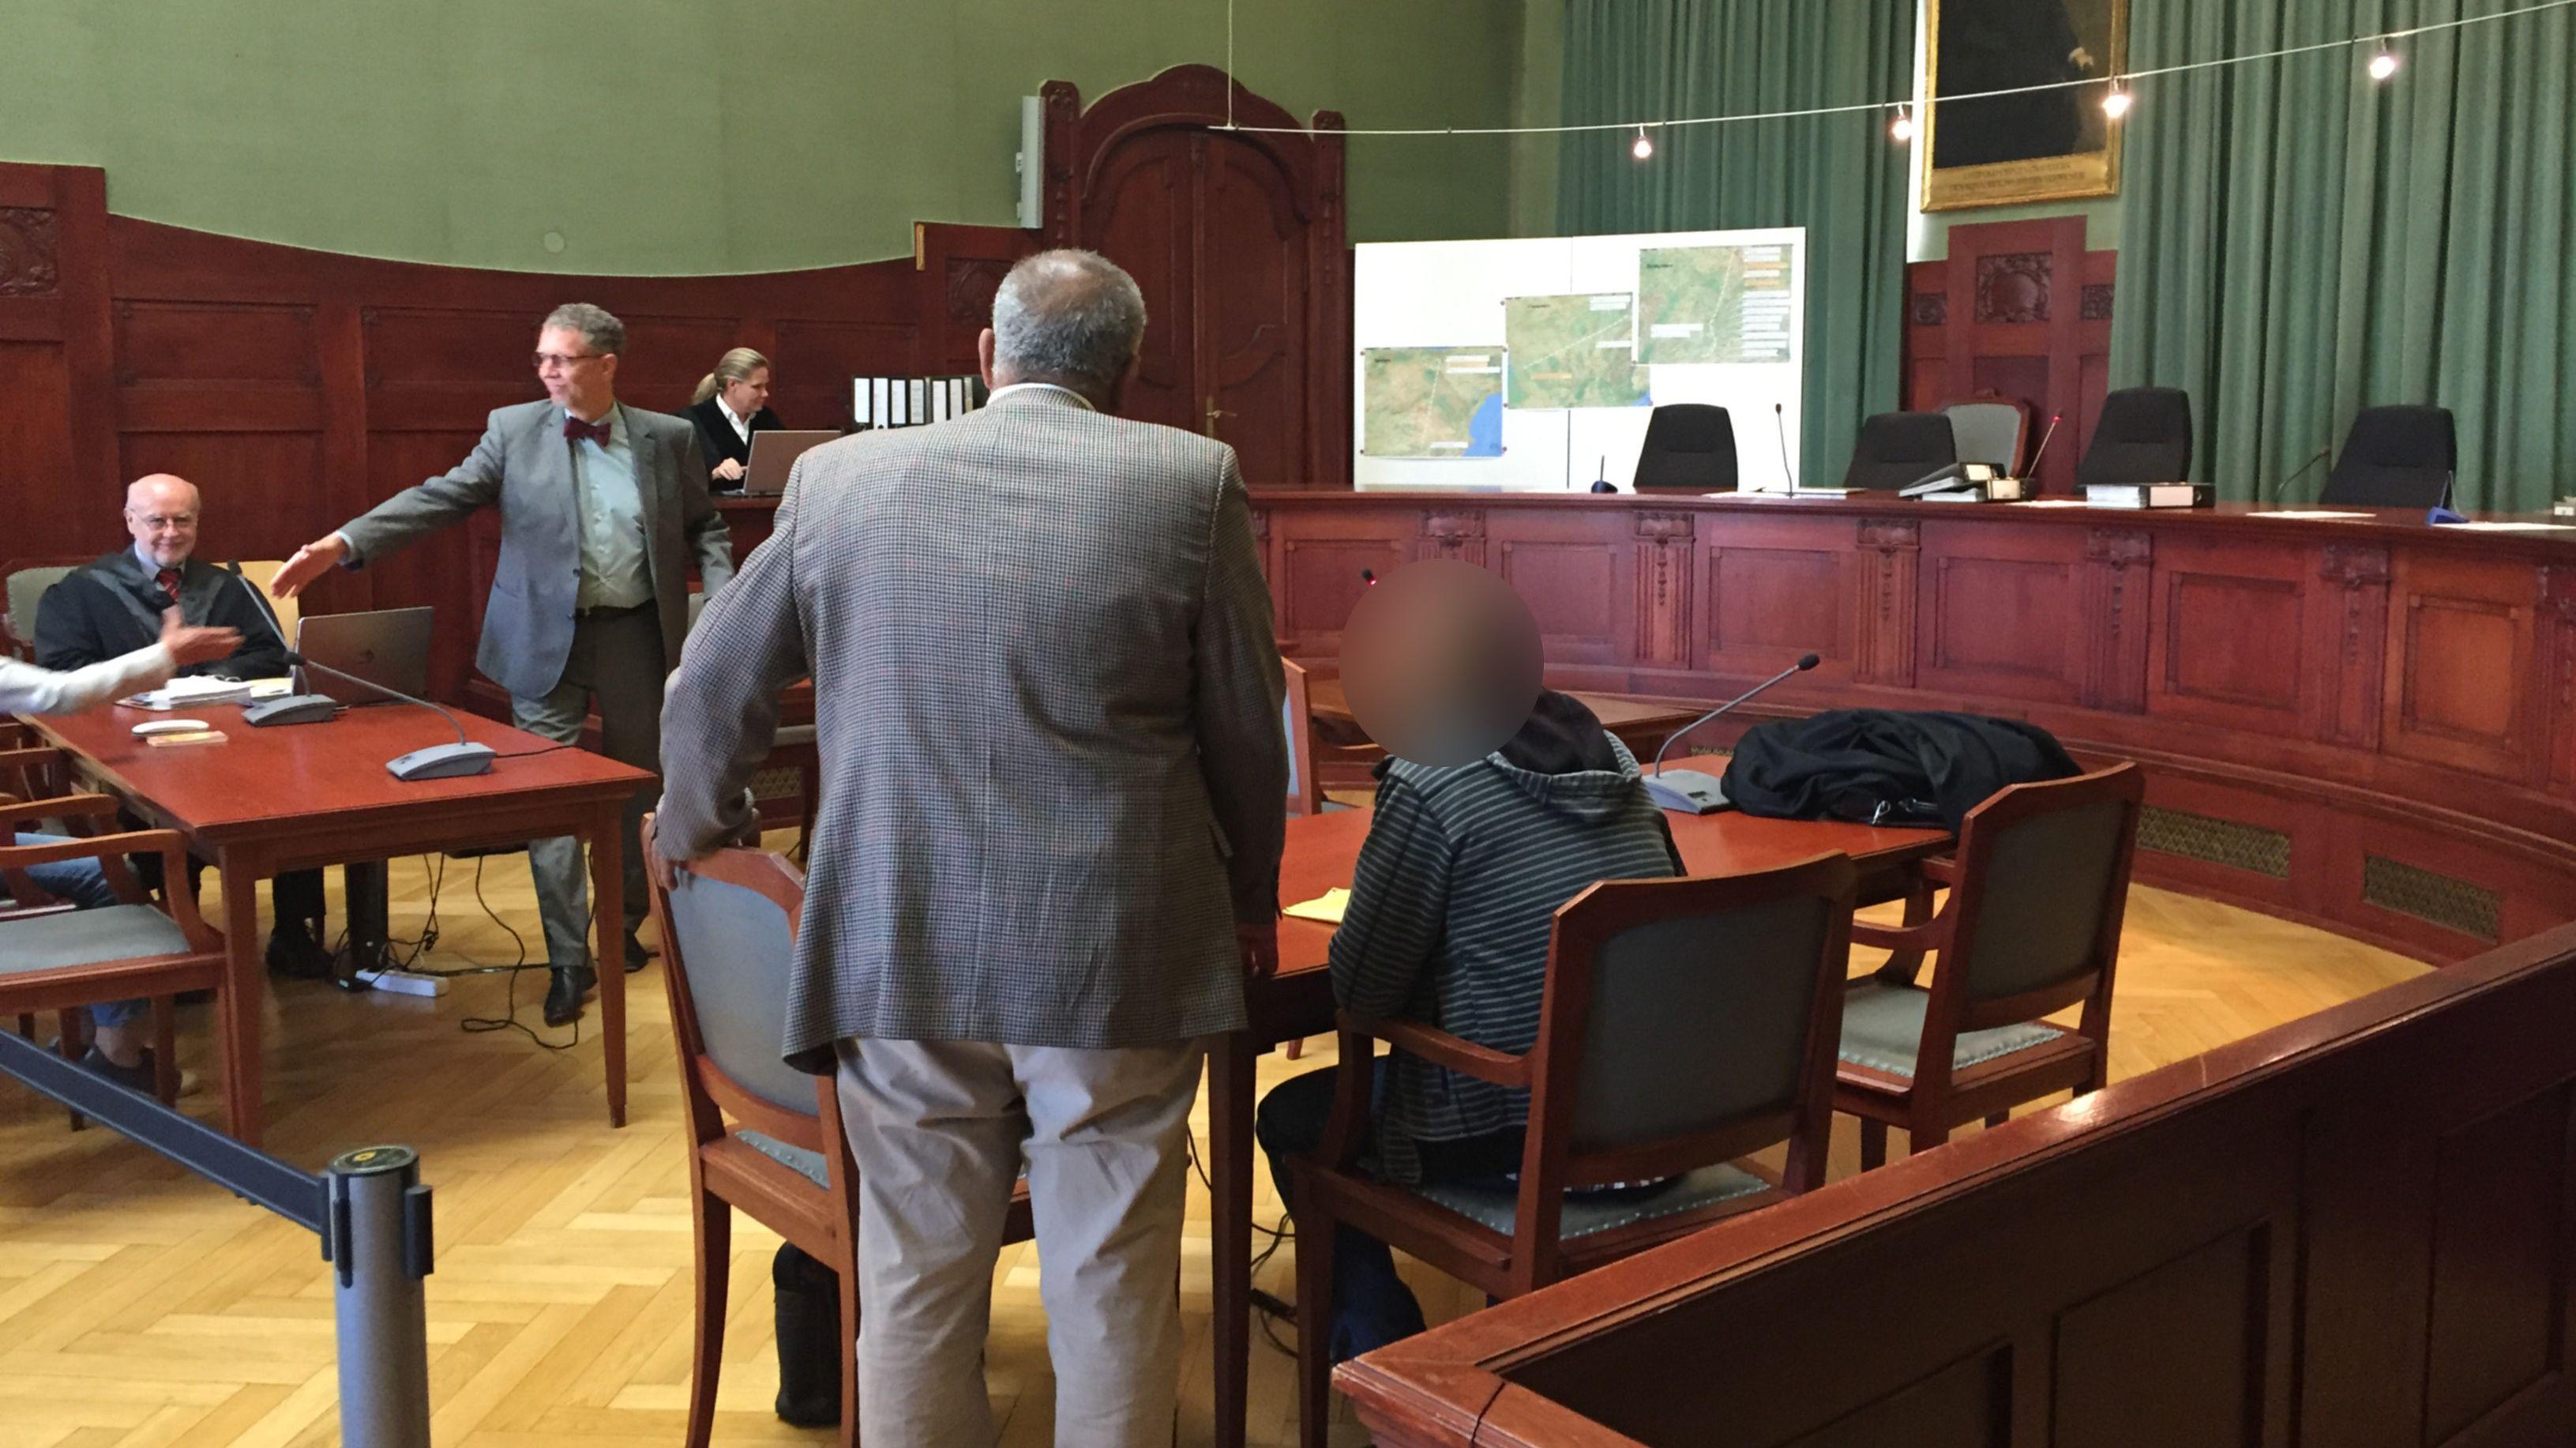 Blick in den Gerichtssaal im Bayreuther Landgericht - der Angeklagte sitzt an einem Tisch, neben ihm steht sein Übersetzer